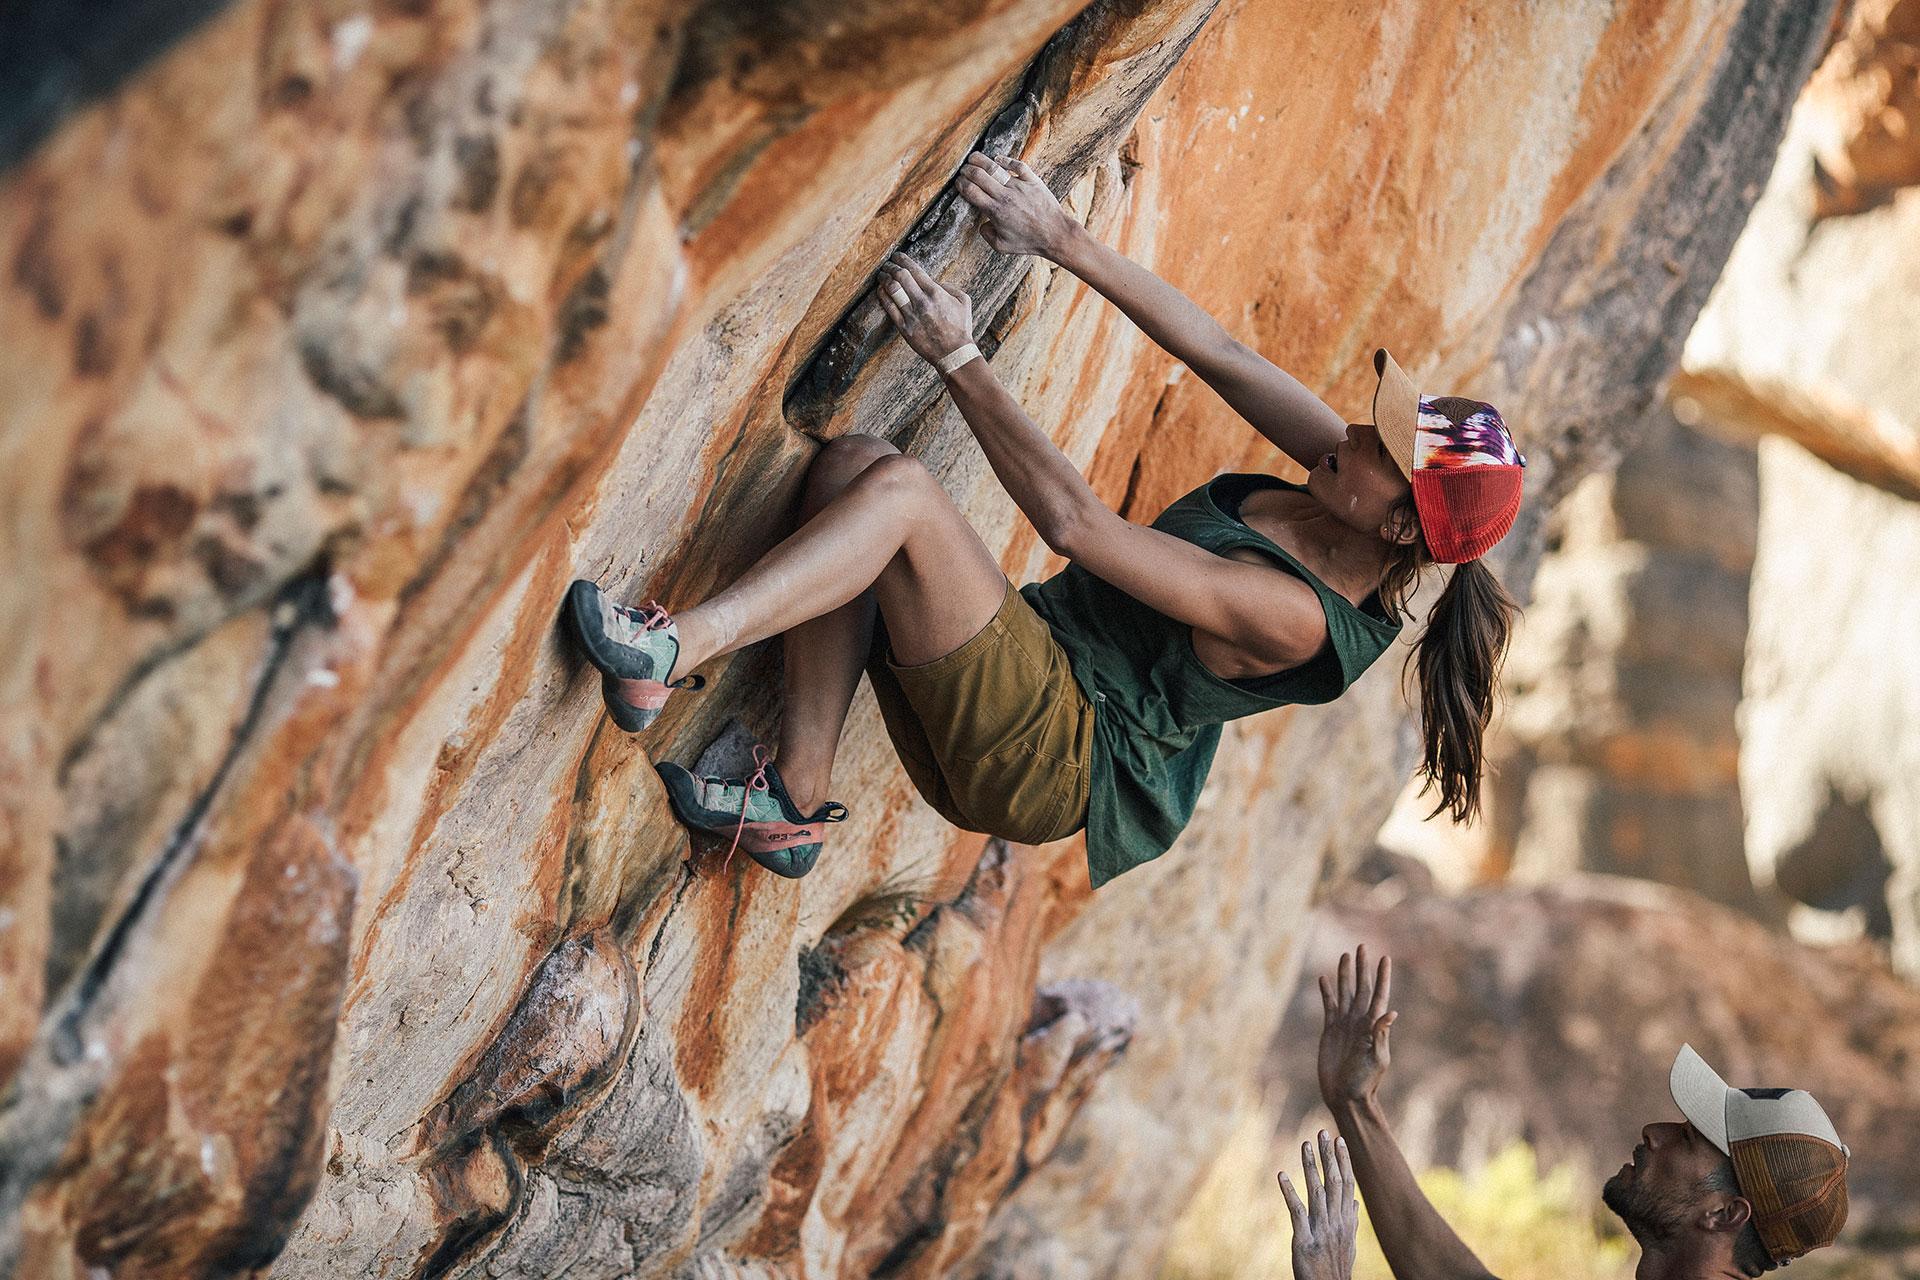 Extrem Sport Klettern Fotograf Rocklands Südafrika Michael Müller Berge